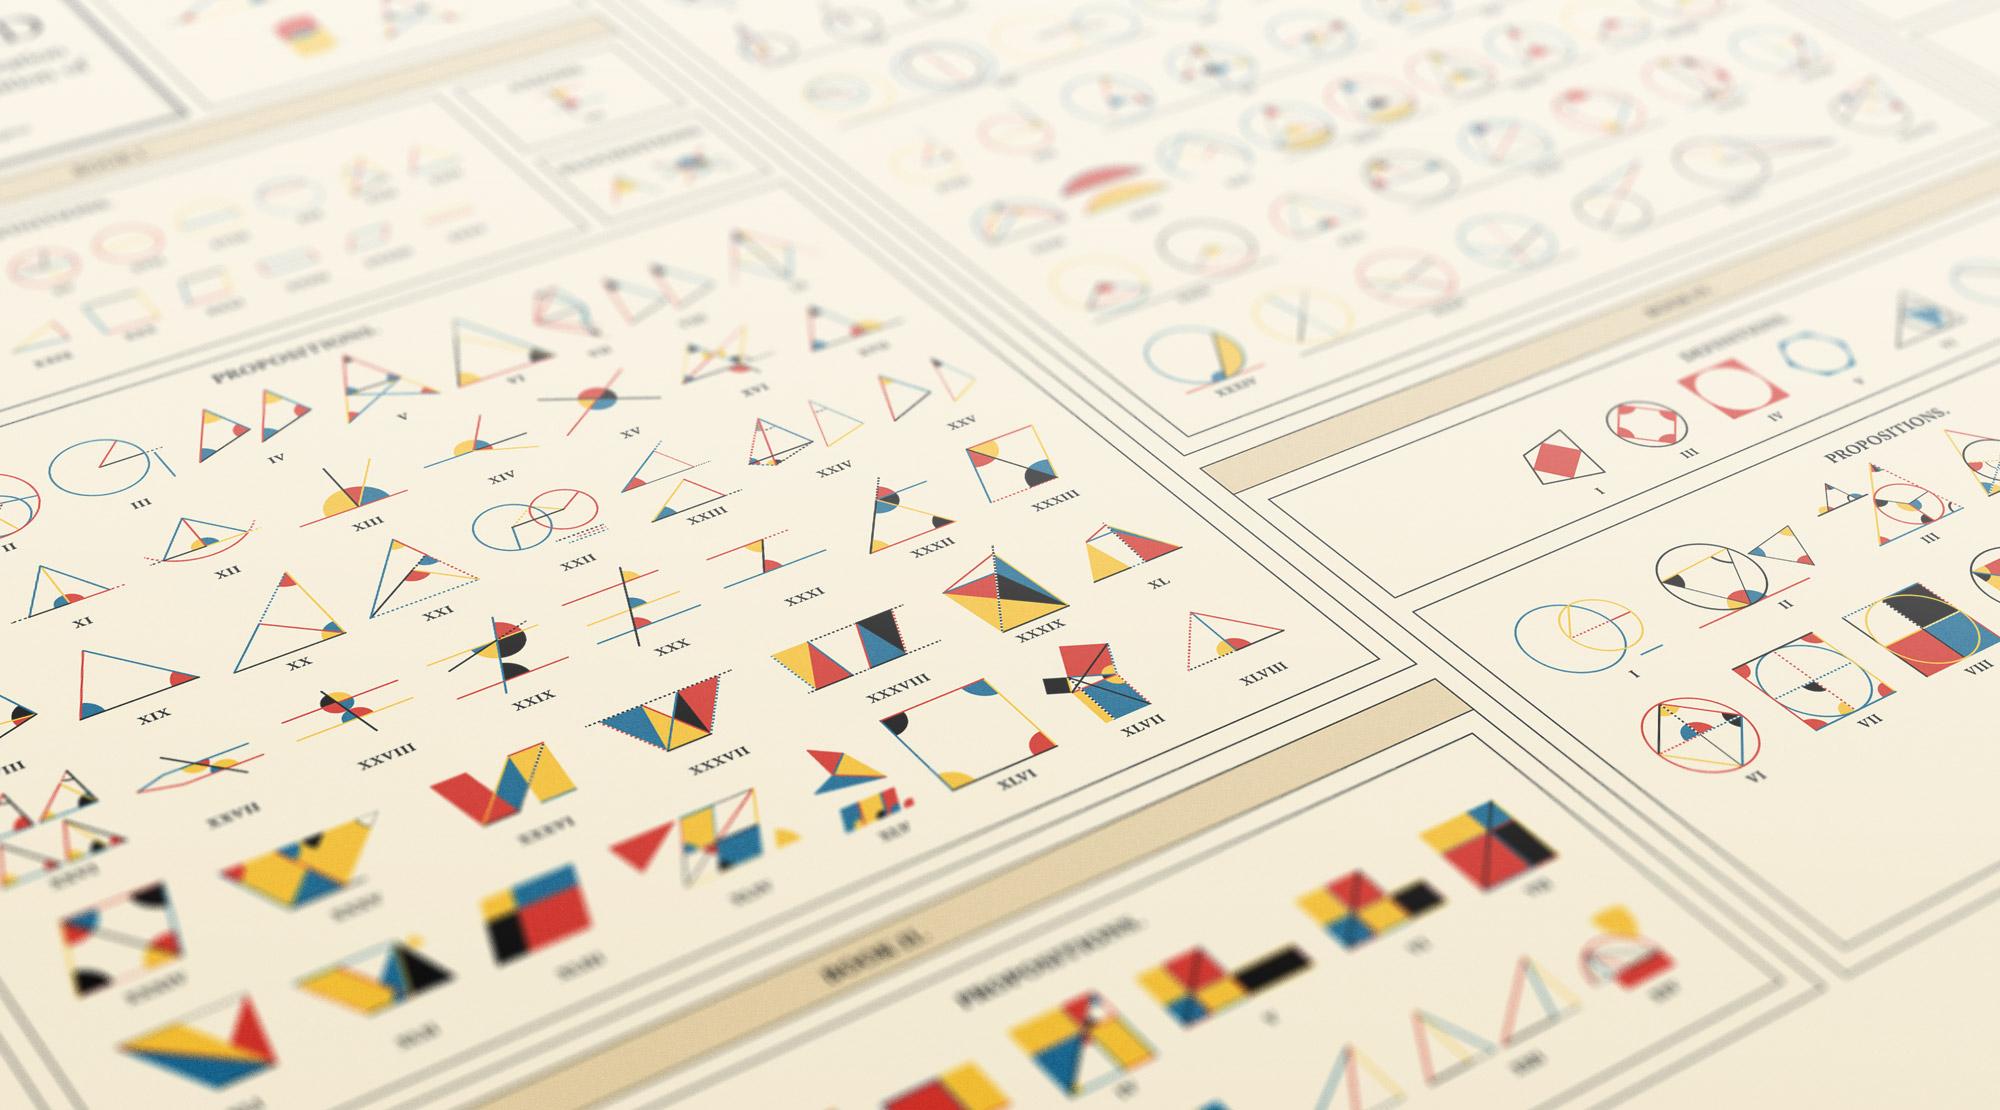 Mettere insieme geometria euclidea e design modernista in un sito interattivo